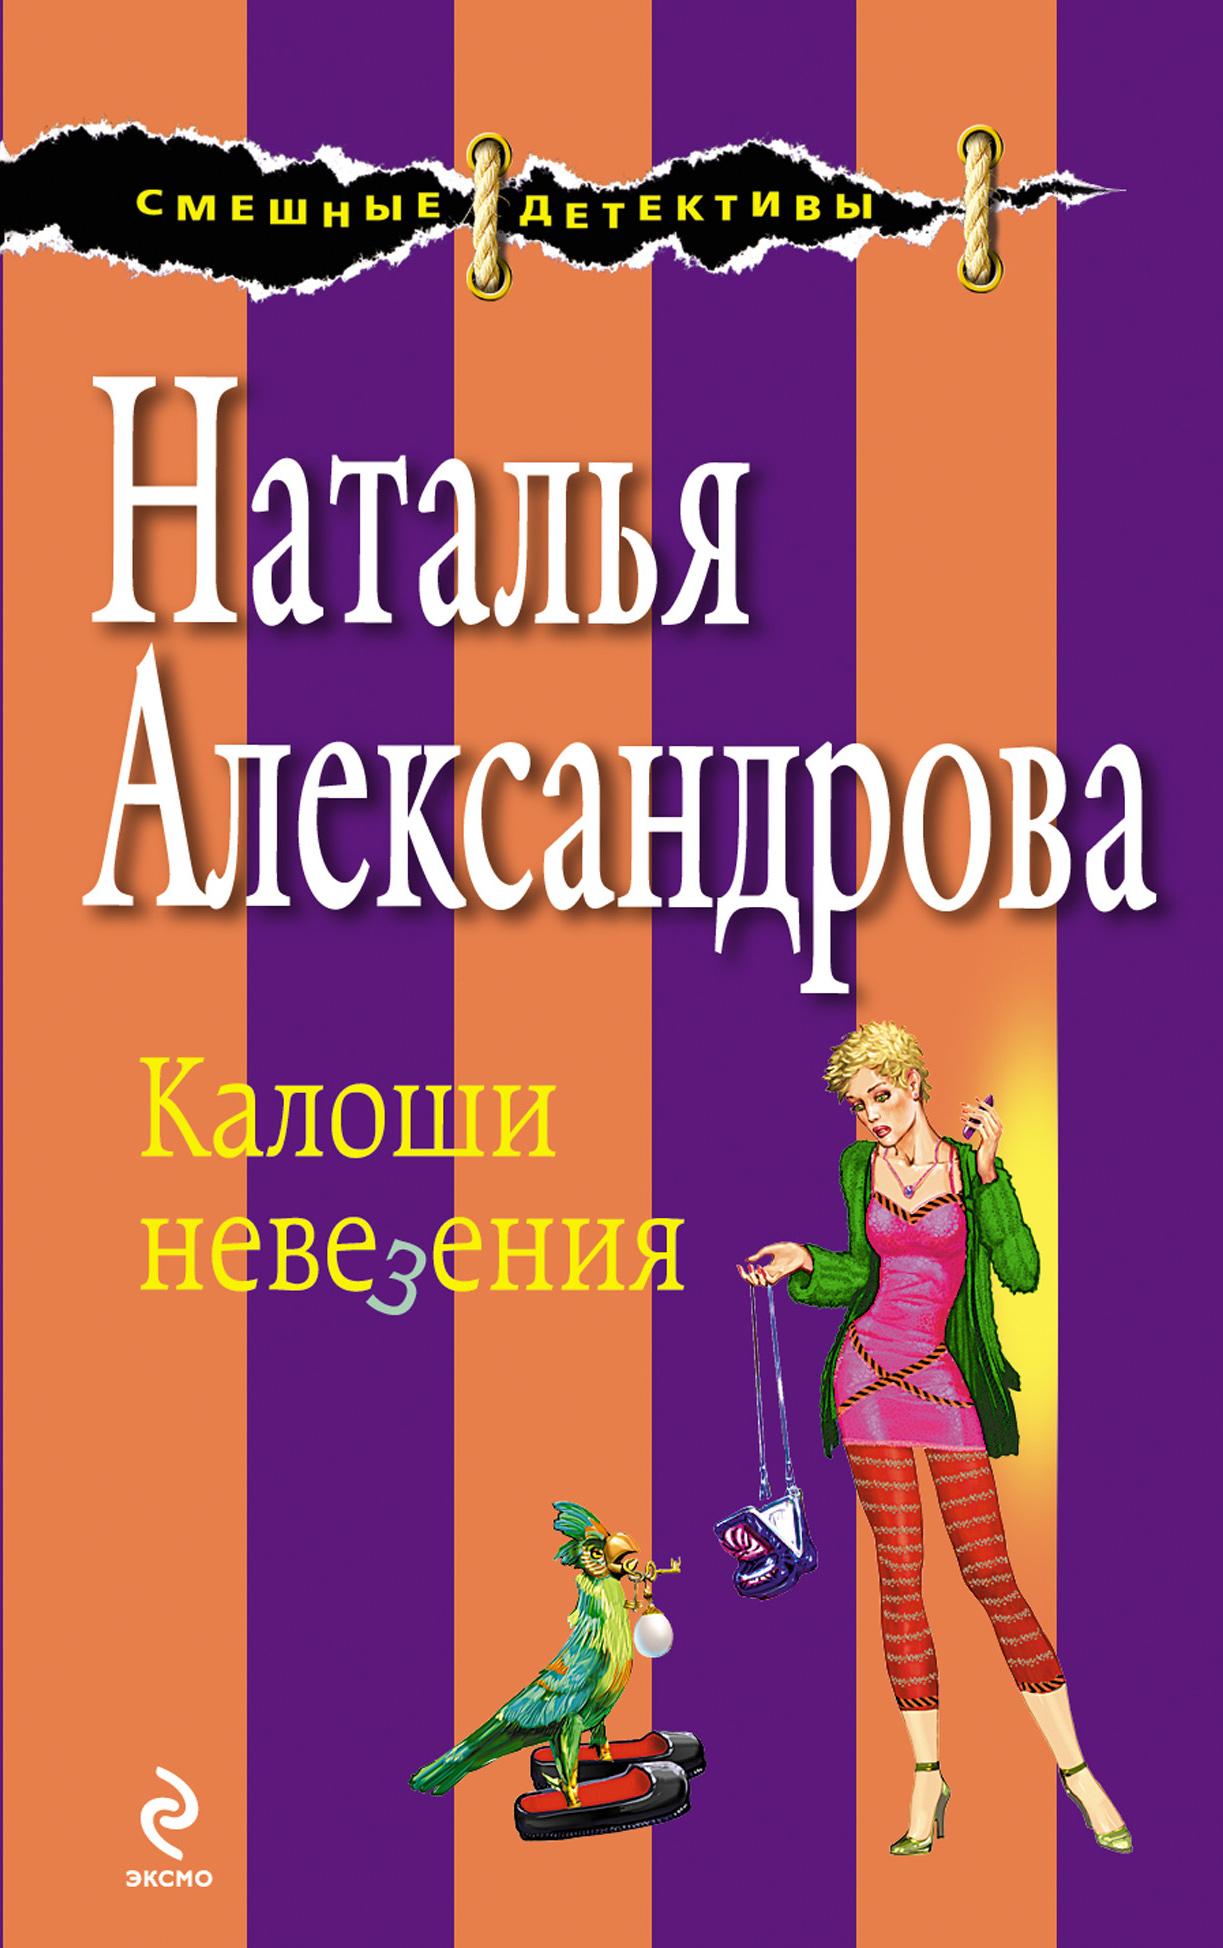 Калоши невезения ( Наталья Александрова  )